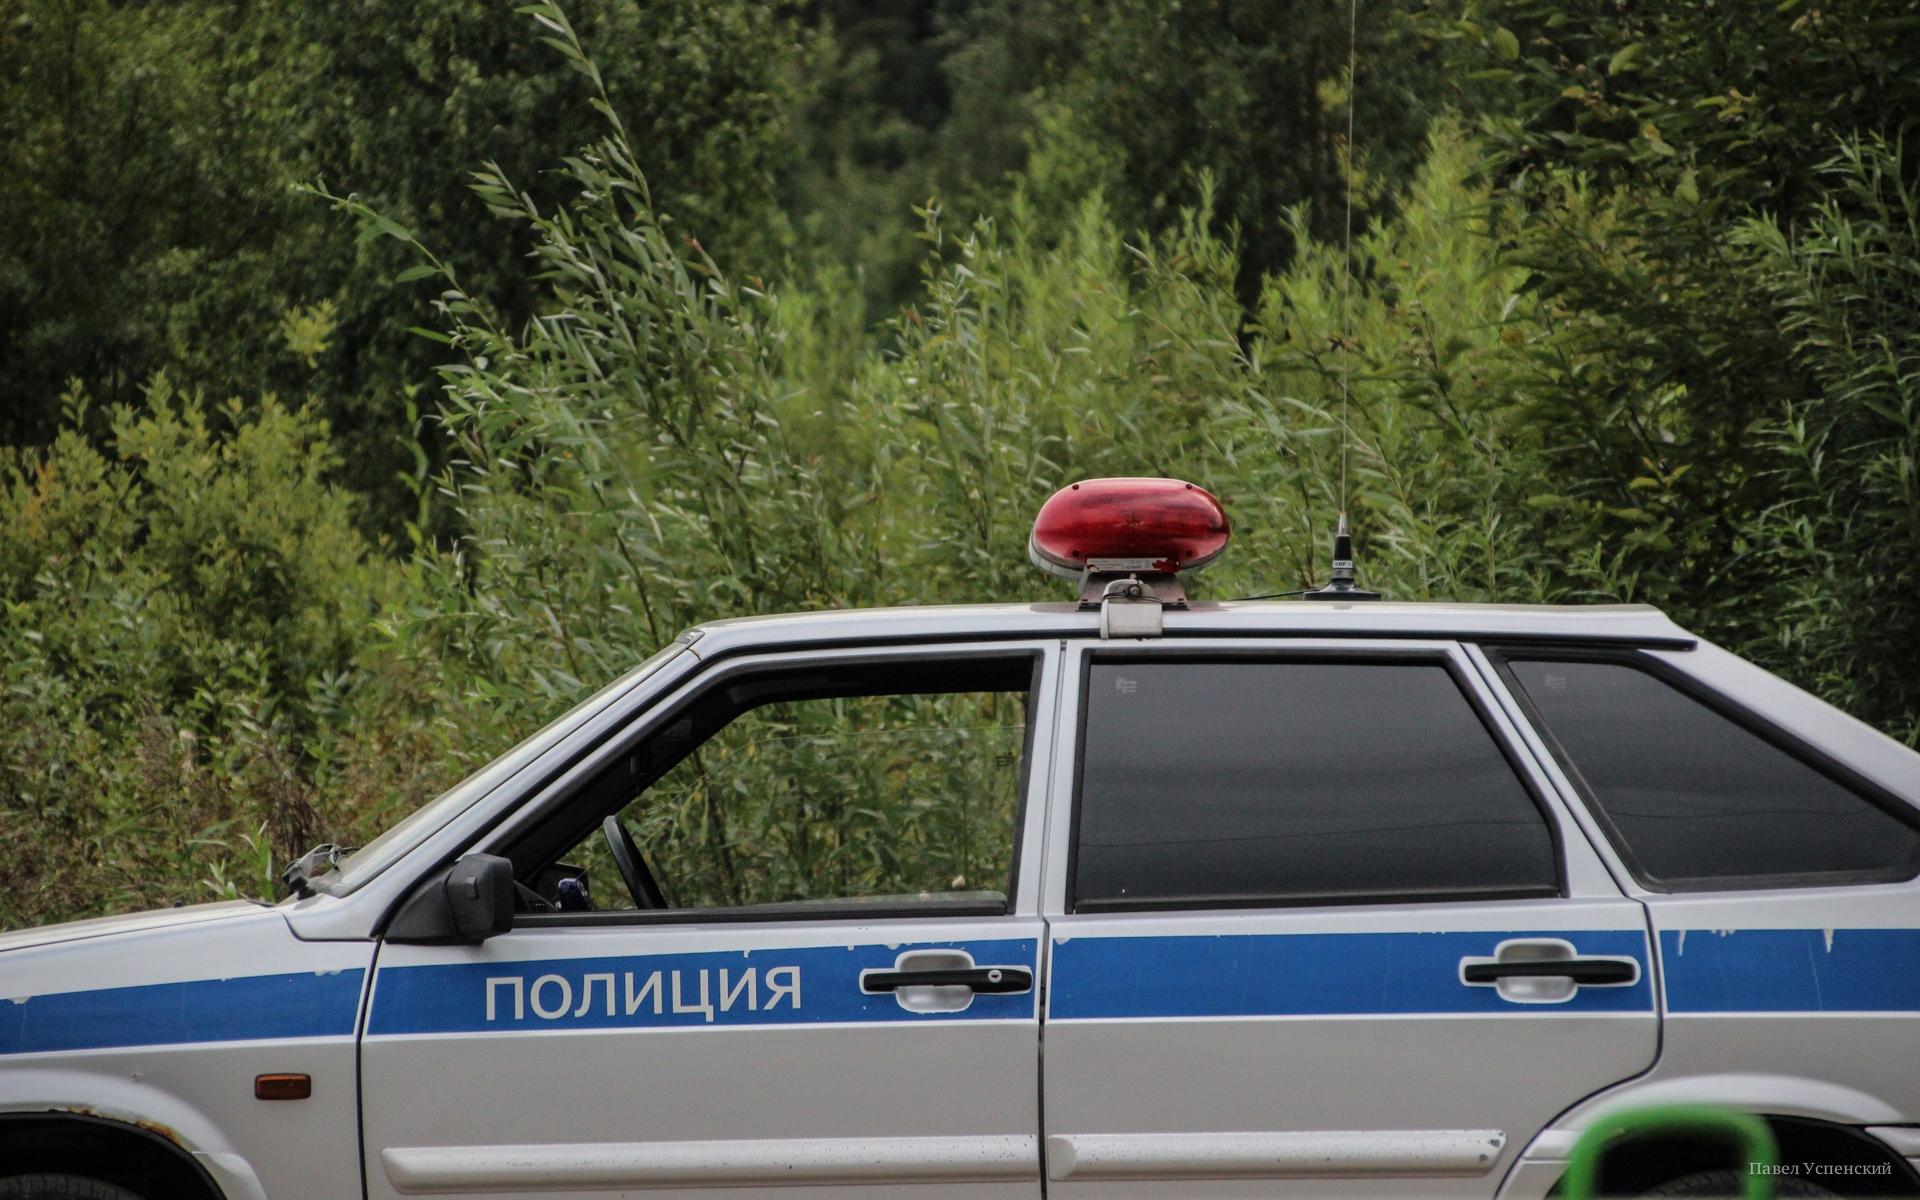 В ДТП с двумя легковушками под Тверью пострадала 2-летняя девочка - новости Афанасий